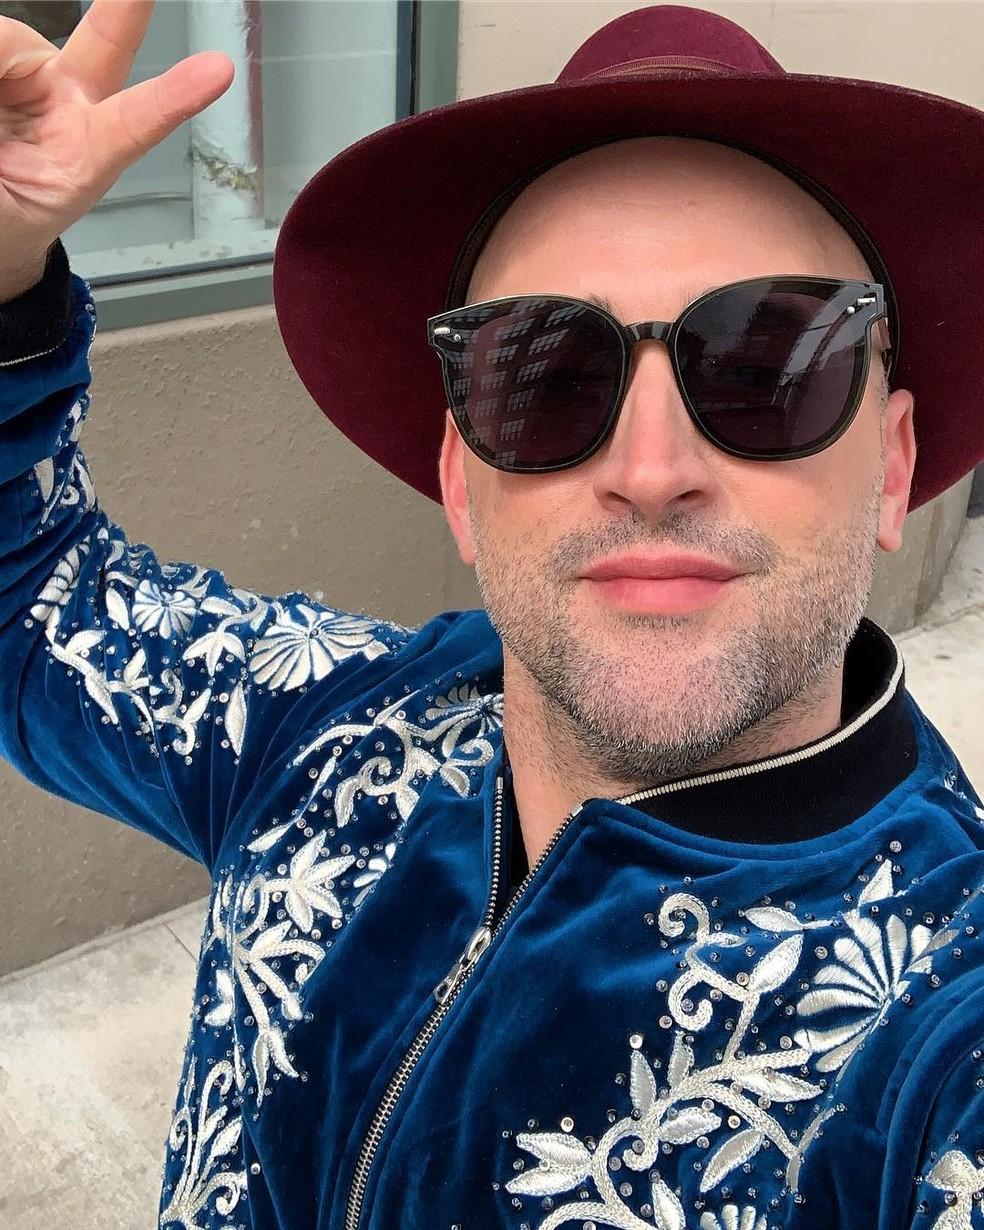 Com filme sem beijo gay, Paulo Gustavo foi criticado e respondeu: 'Povo está muito raivoso' — Foto: Reprodução/Instagram/PauloGustavo